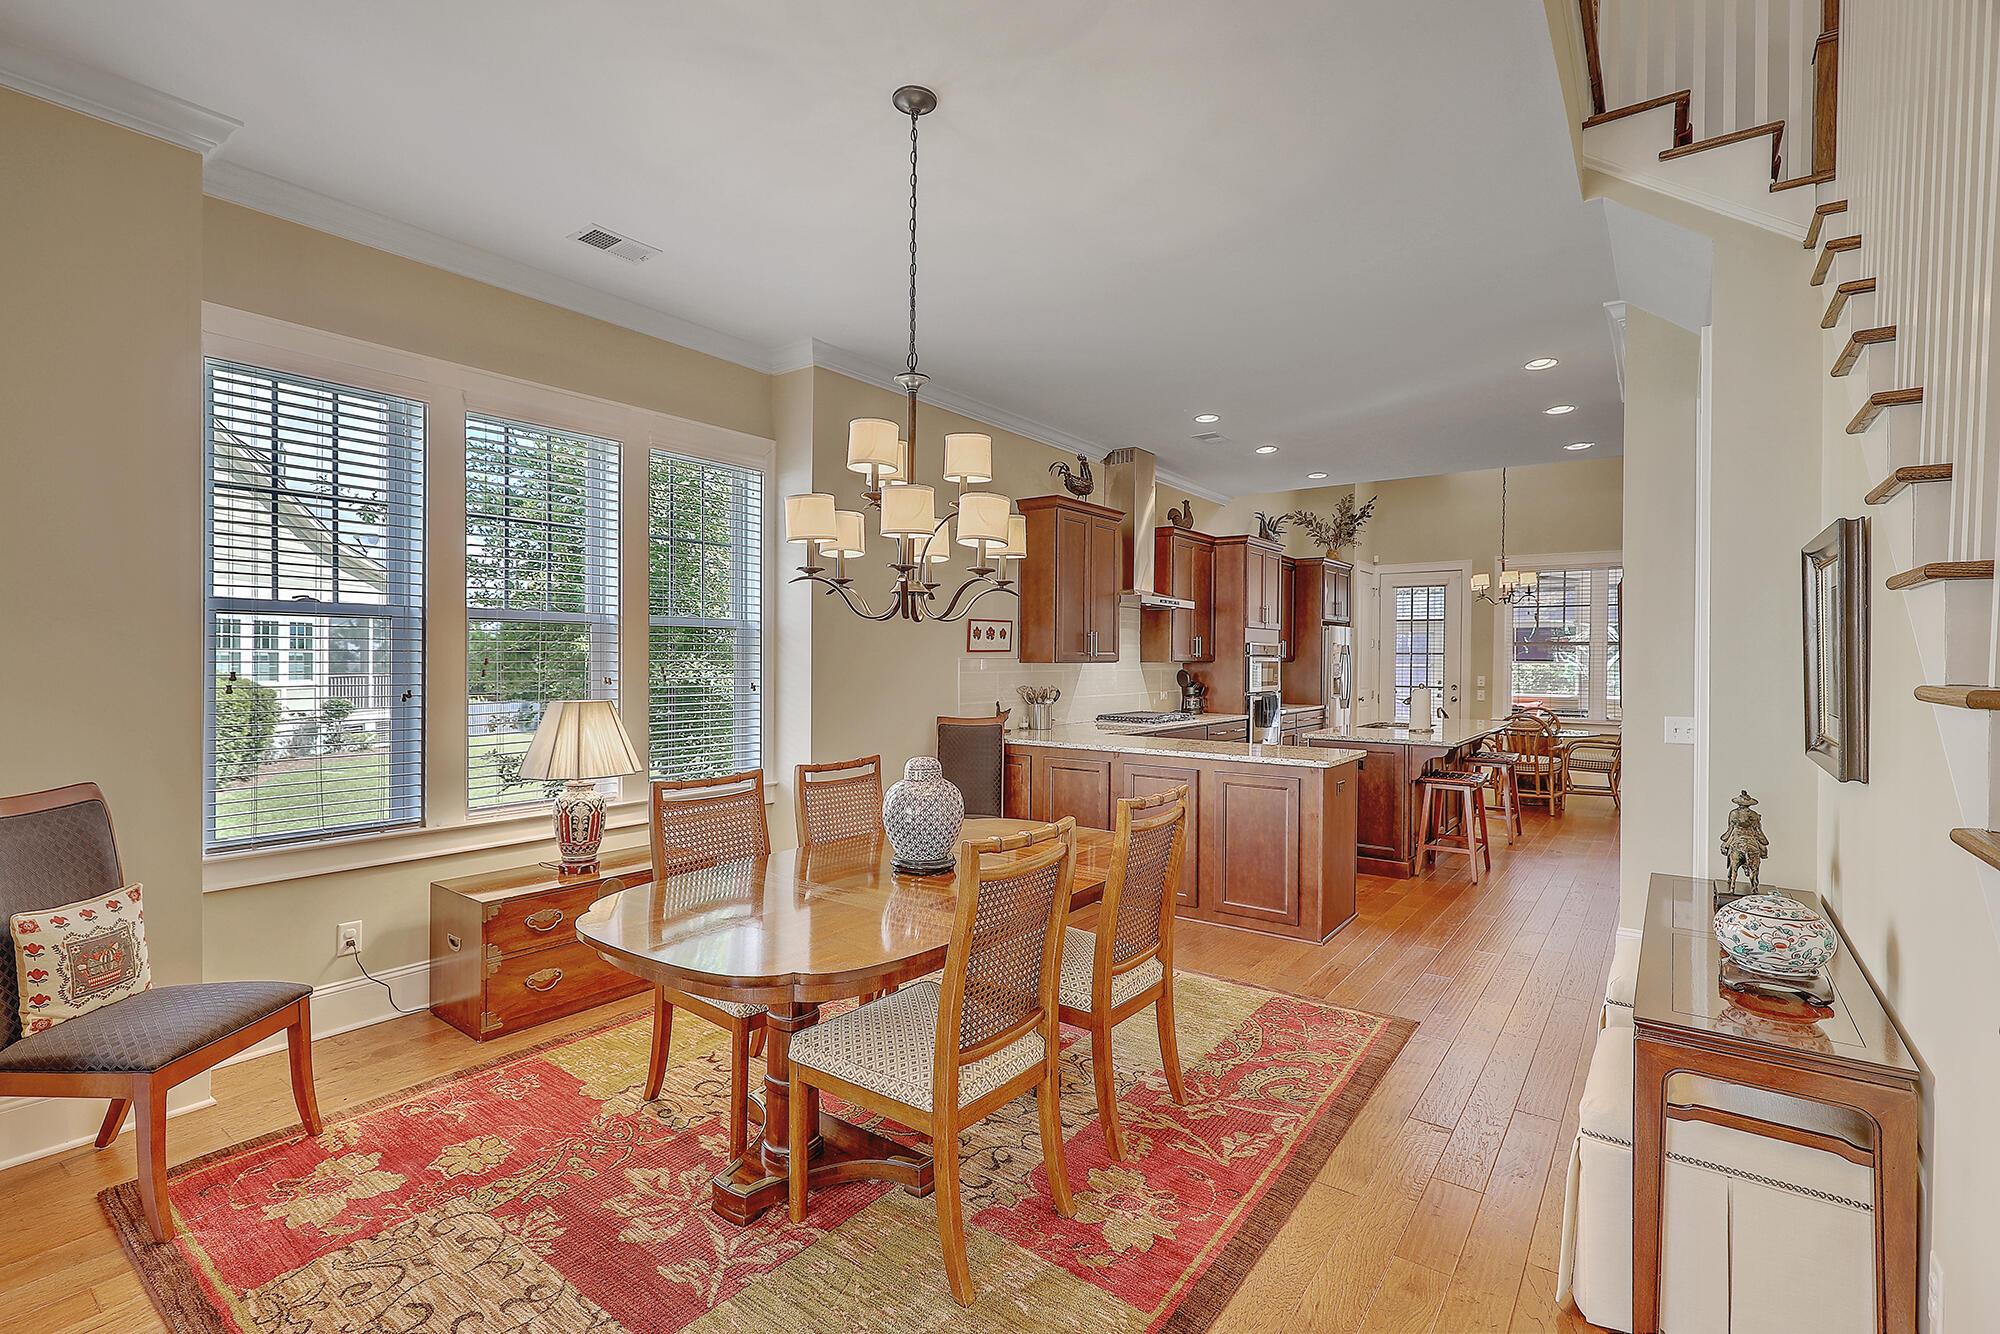 Dunes West Homes For Sale - 3171 Sturbridge, Mount Pleasant, SC - 44